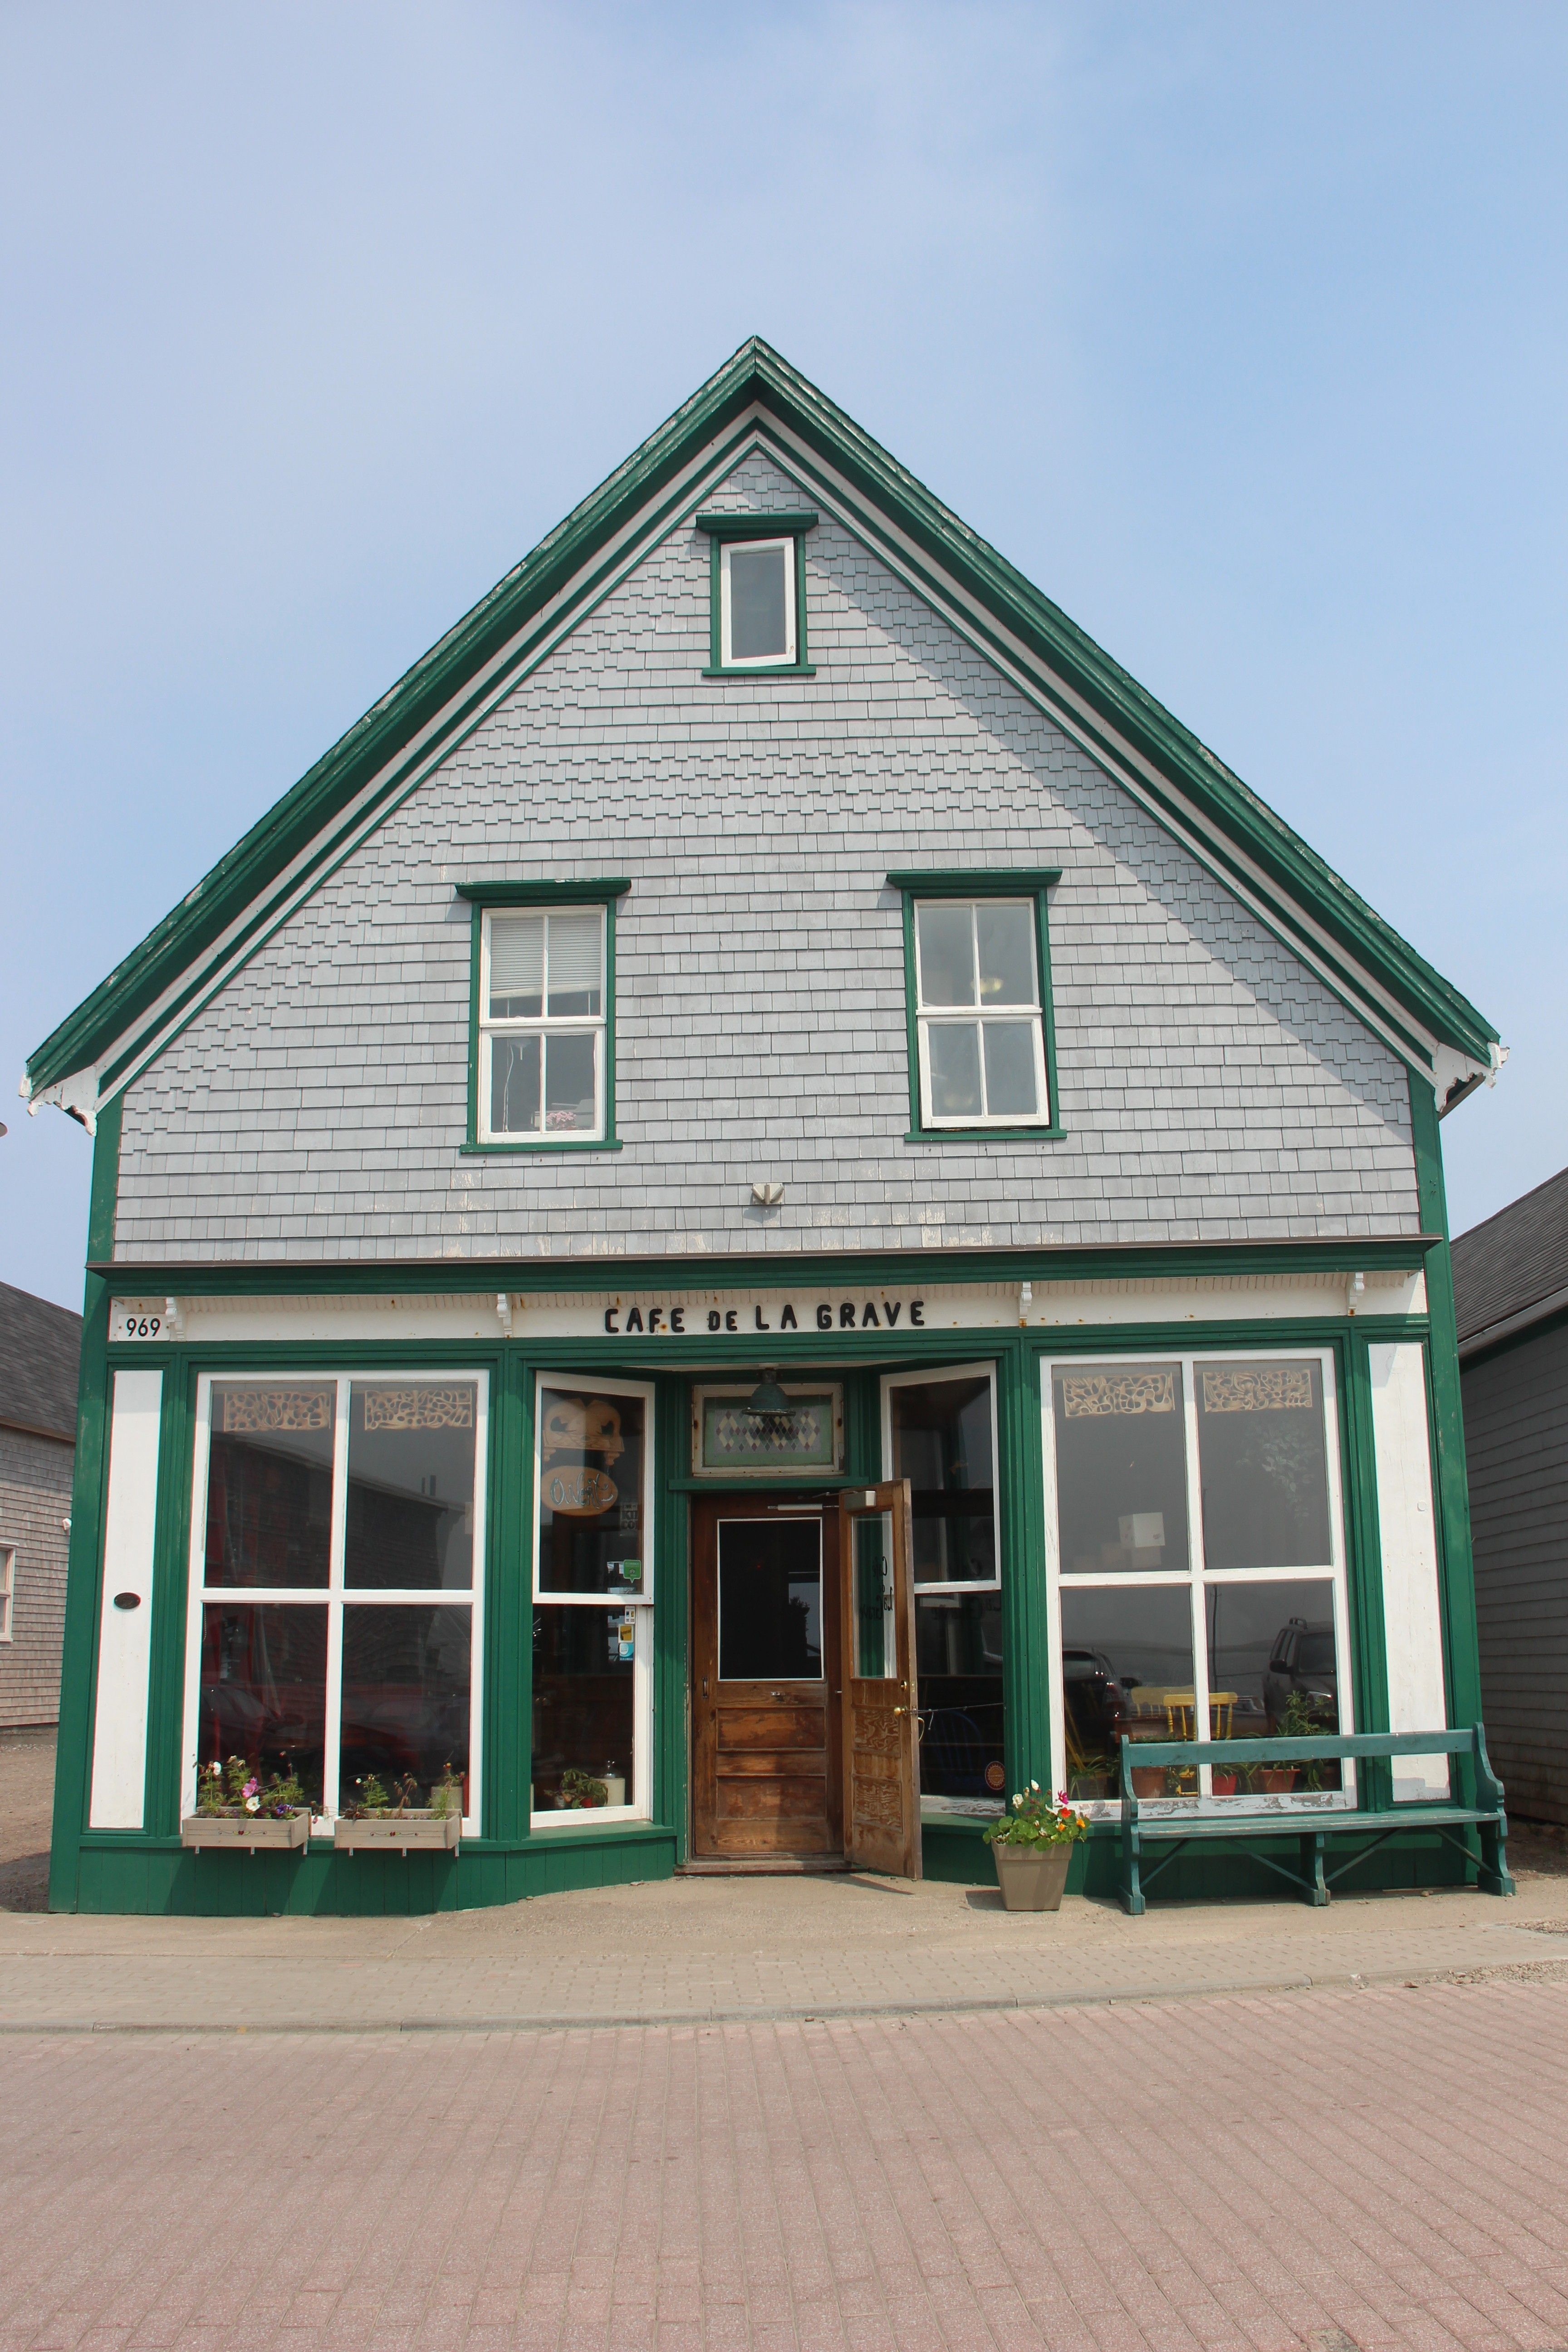 Café de la Grave